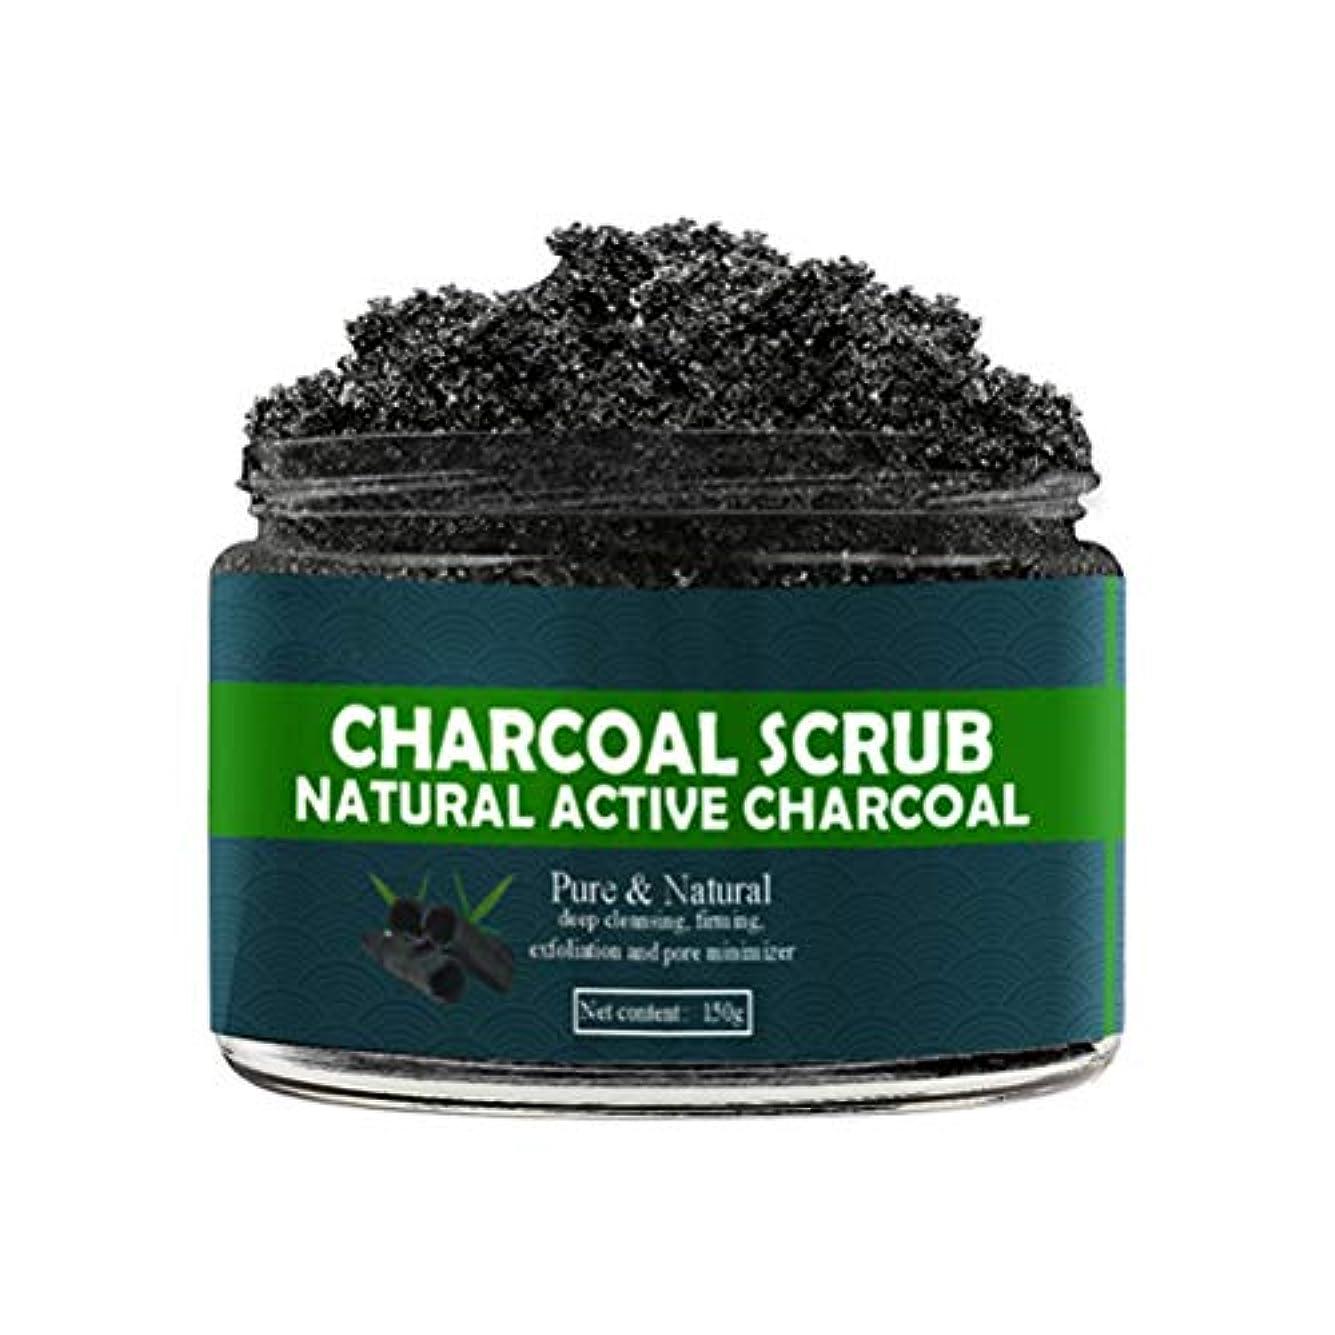 荒涼とした必要ない天皇Creacom ボディマッサージ 竹炭スクラブ 角質ケアブラシ 肌を改善 活性炭 ボディスクラブ エクスフォリエーションクリーム 150g